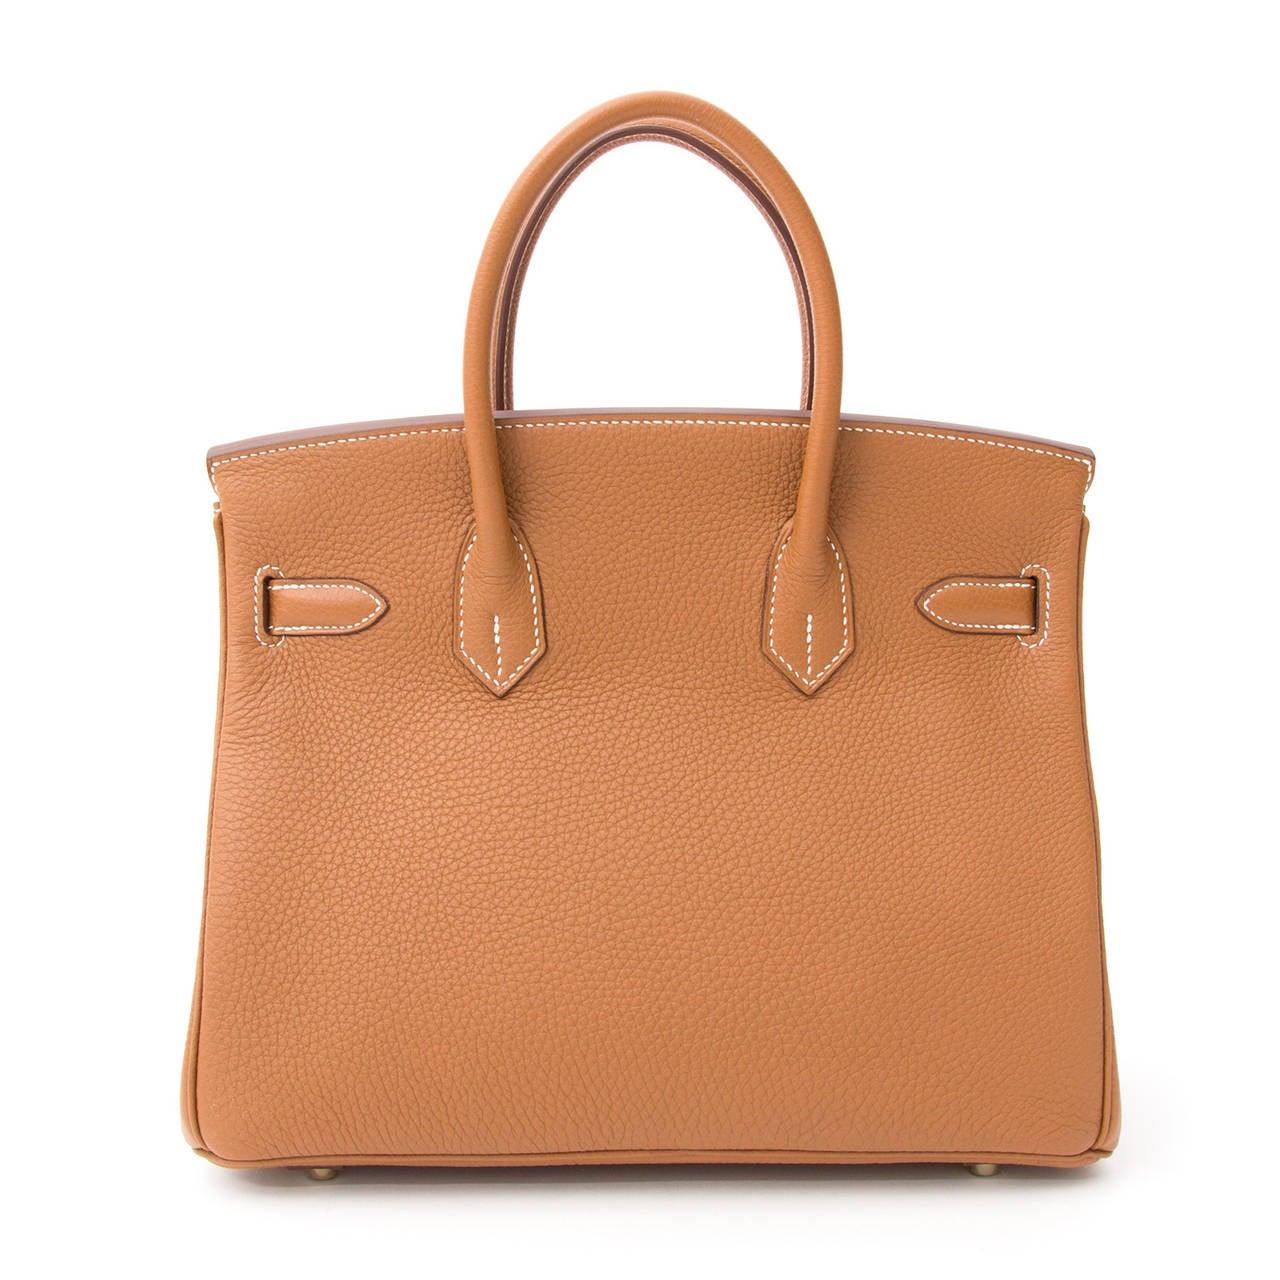 Hermès Birkin Gold Togo 30 GHW 3